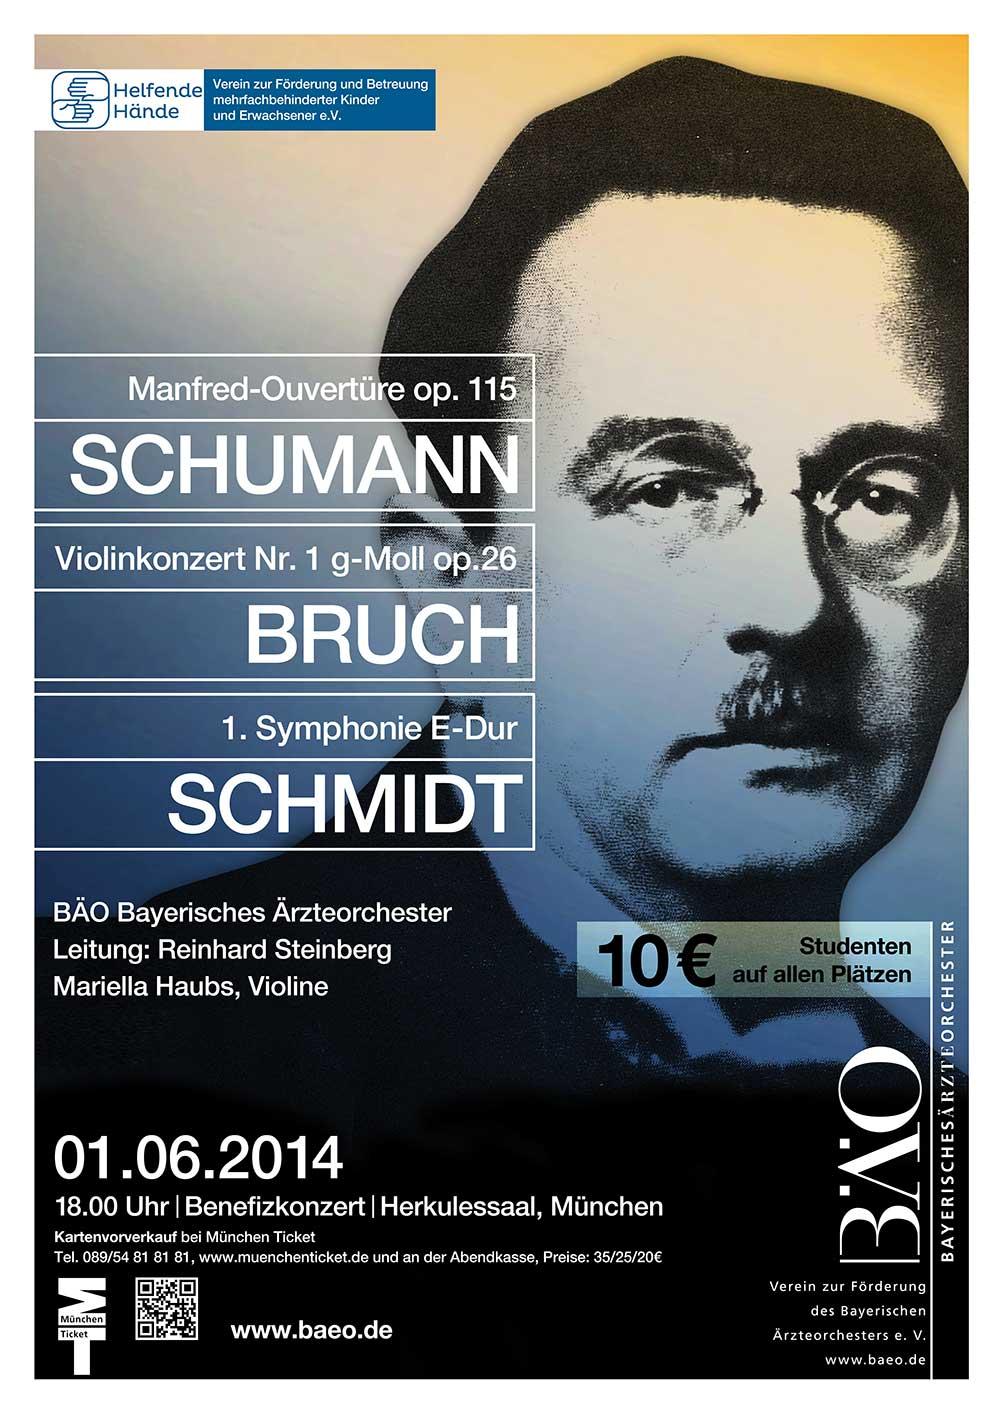 Plakat Bayerisches Ärzteorchester 2014